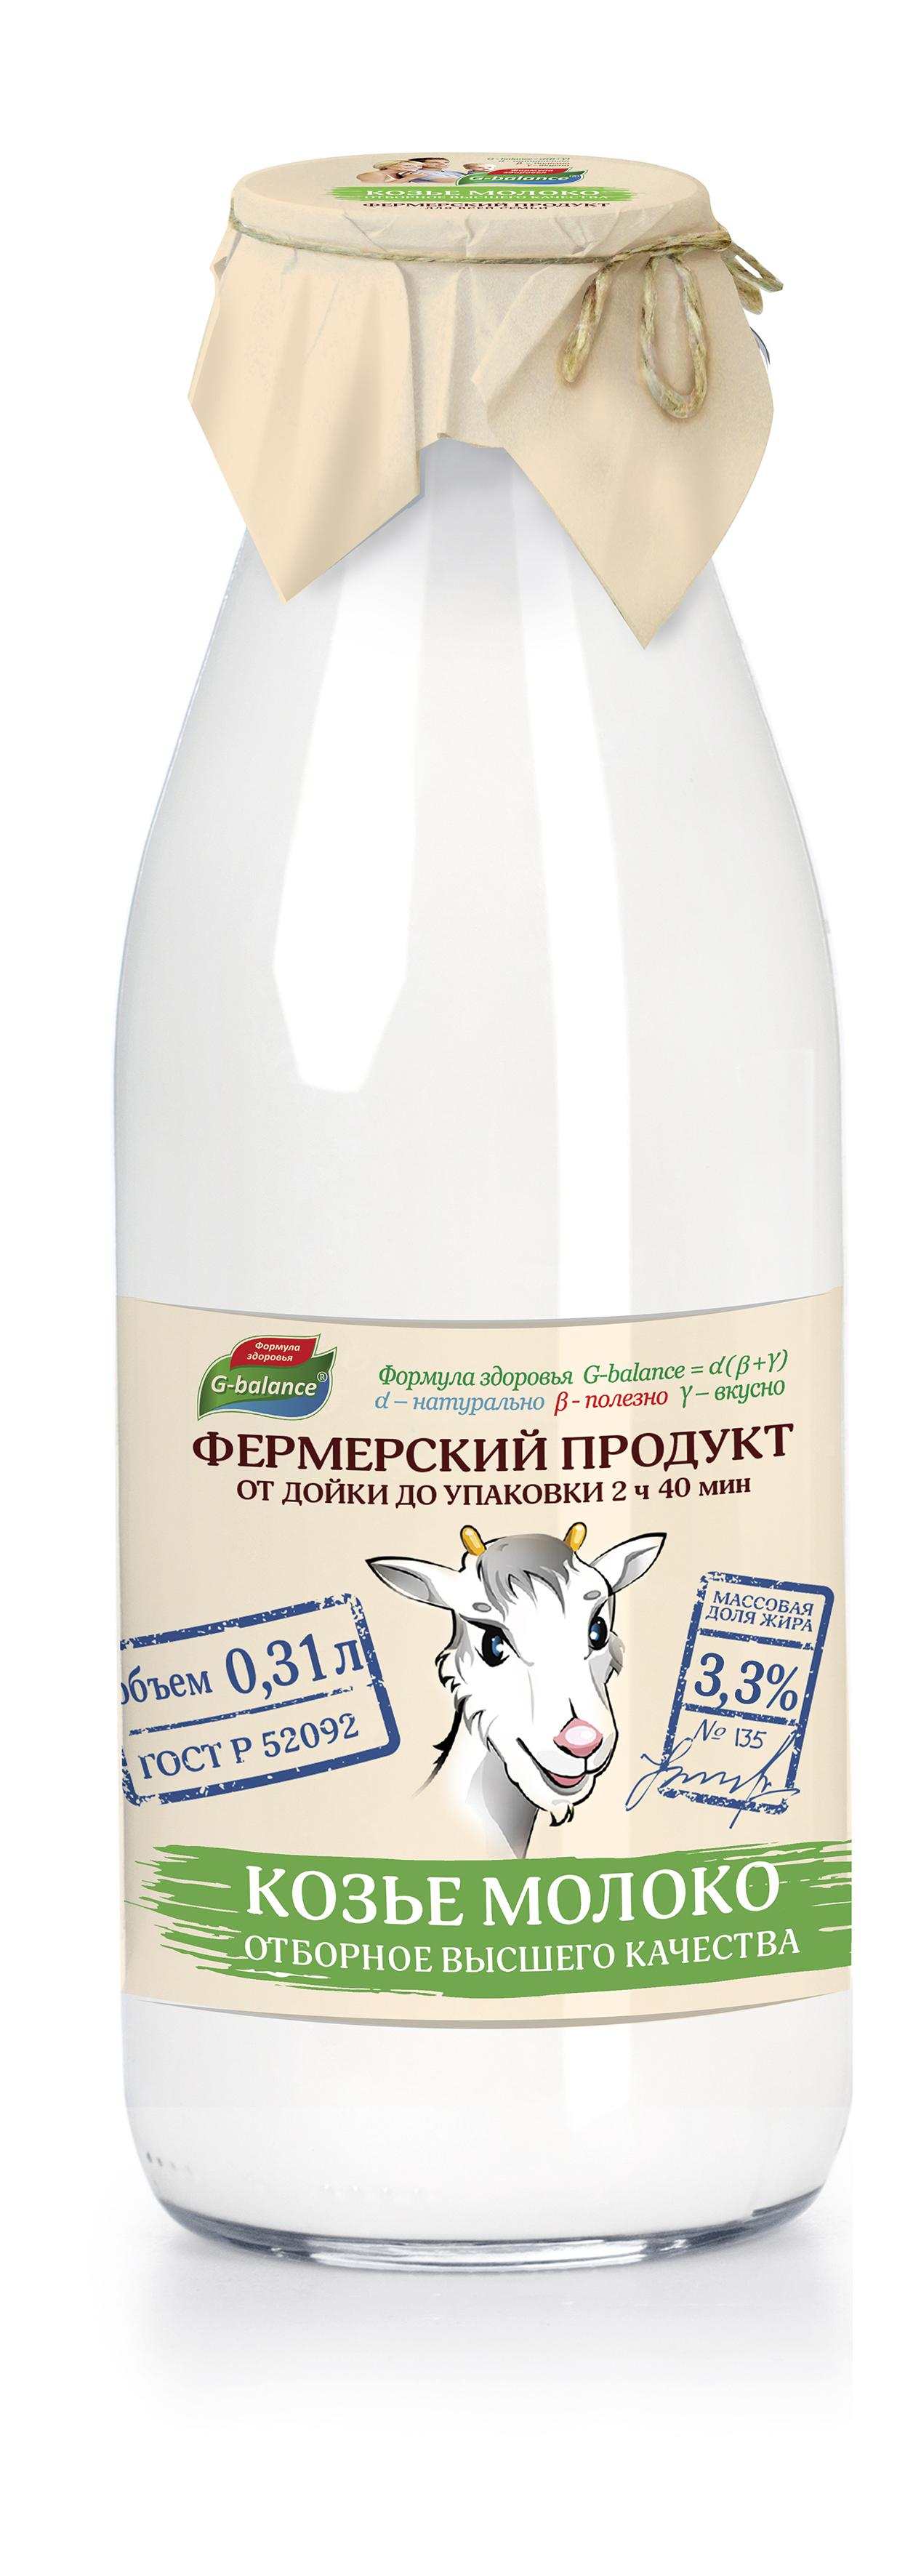 картинки фермерское молоко